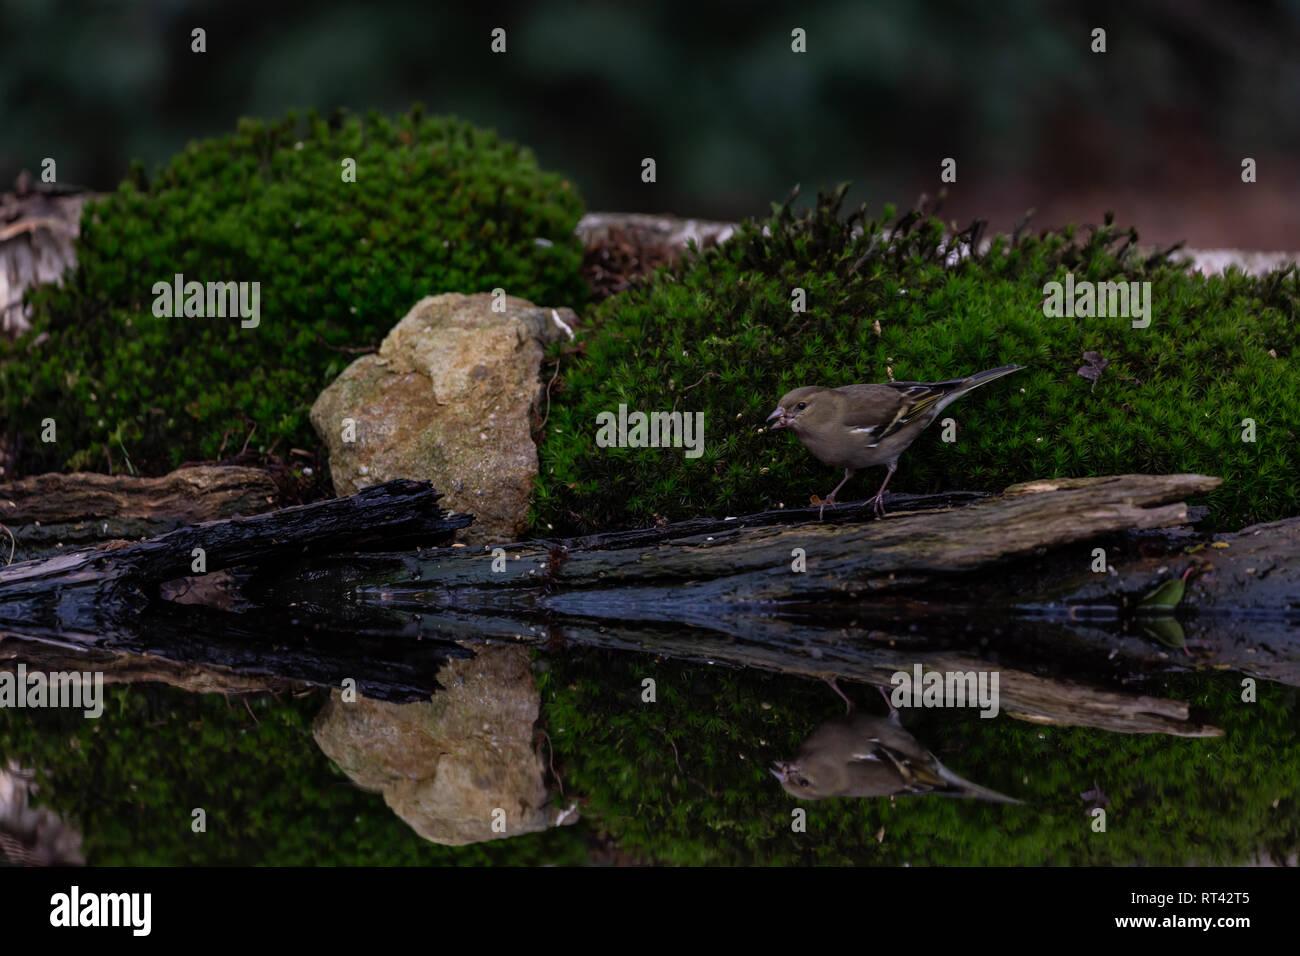 Grünfink am Wasser - Stock Image